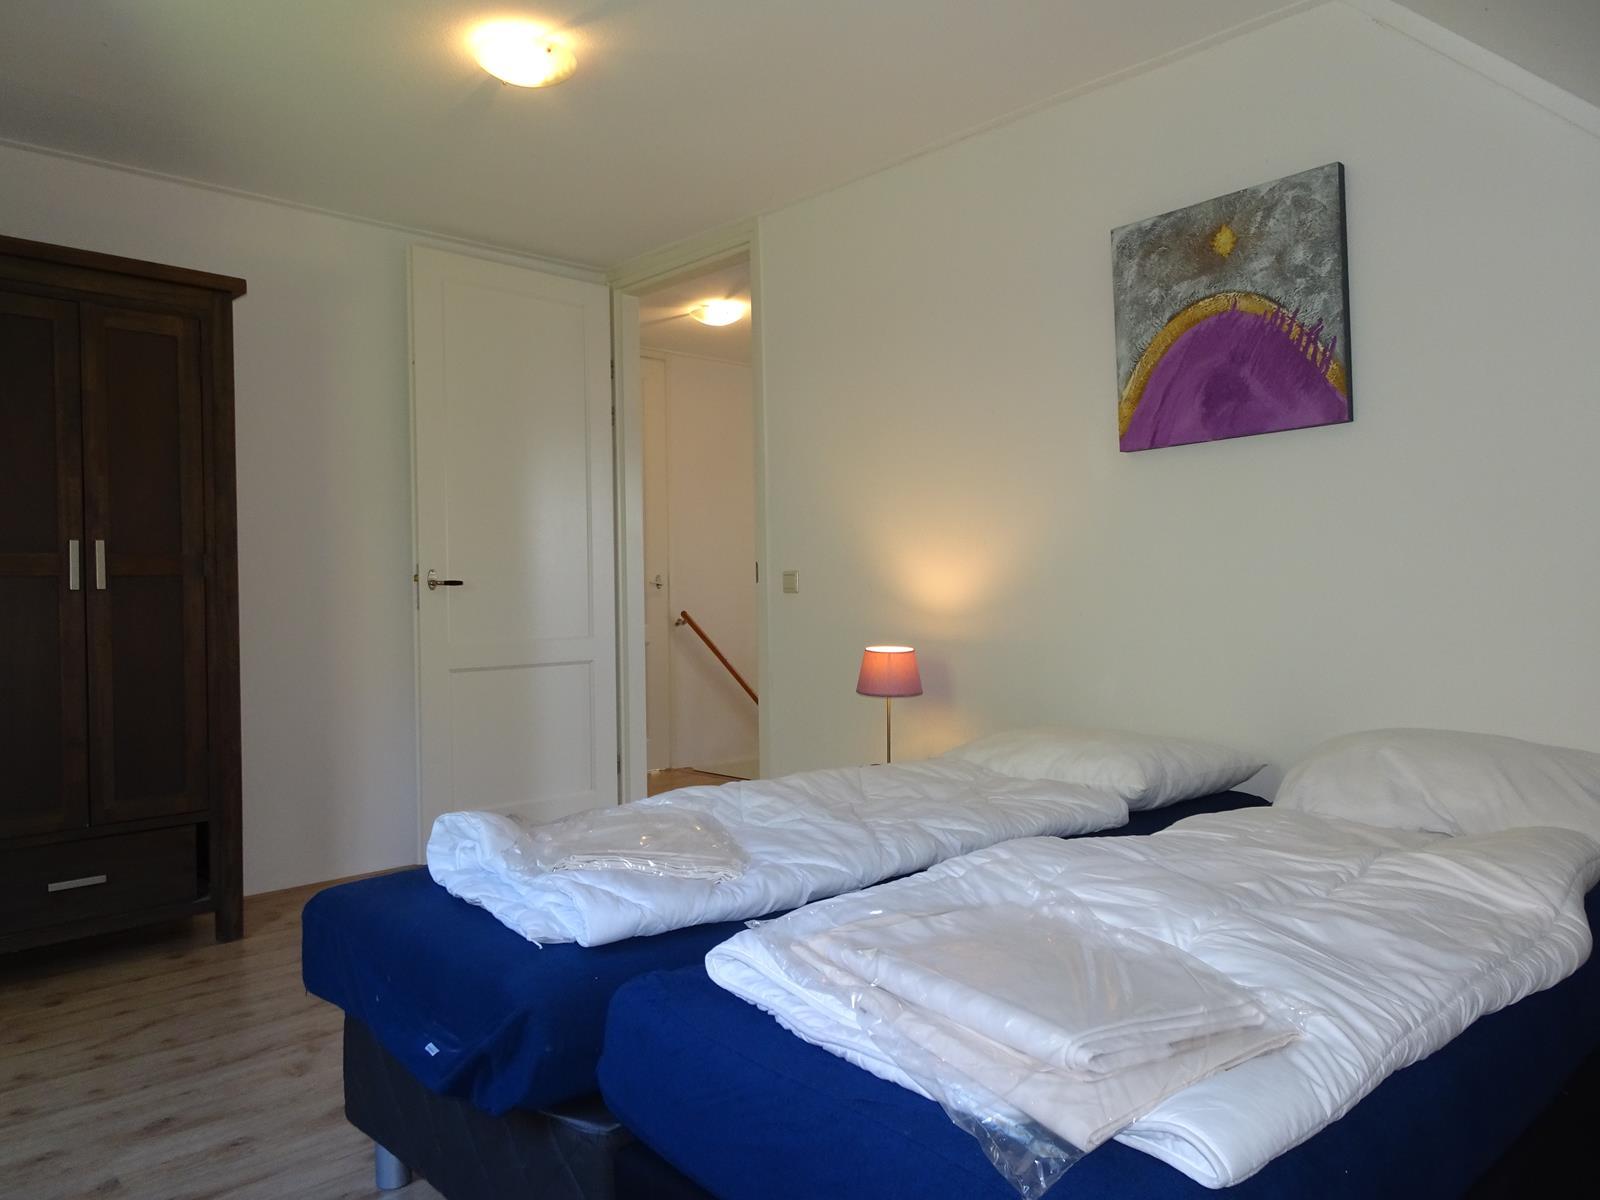 Vakantiehuis te koop Susteren K801 002.jpg